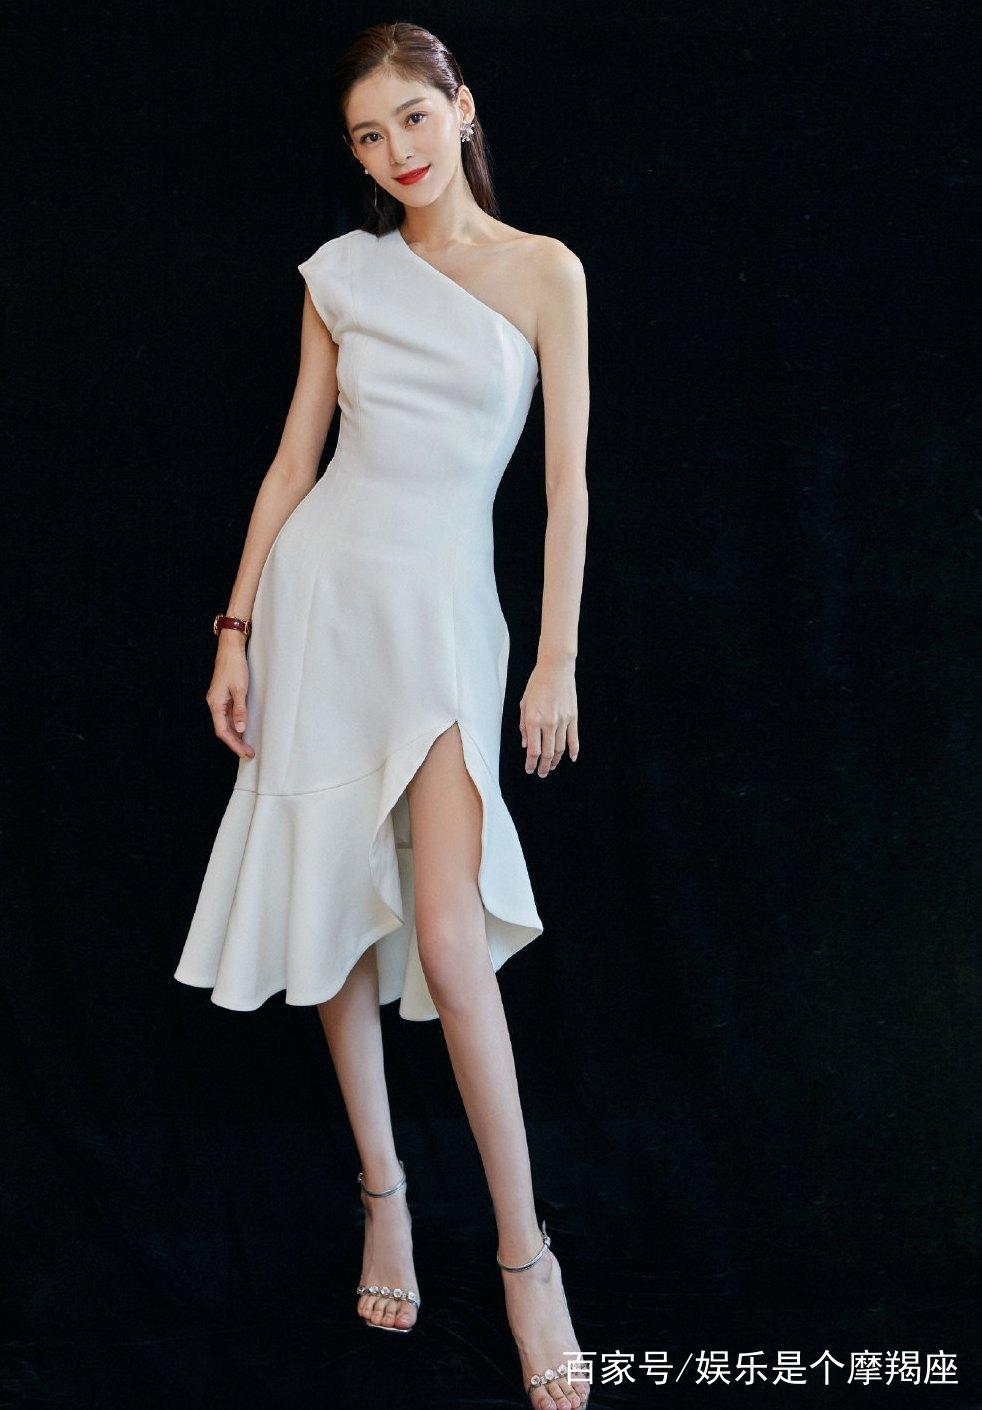 白色的单肩裙露出锁骨和美腿,苗条的身材,充满女人味,白皙肤色,吸引